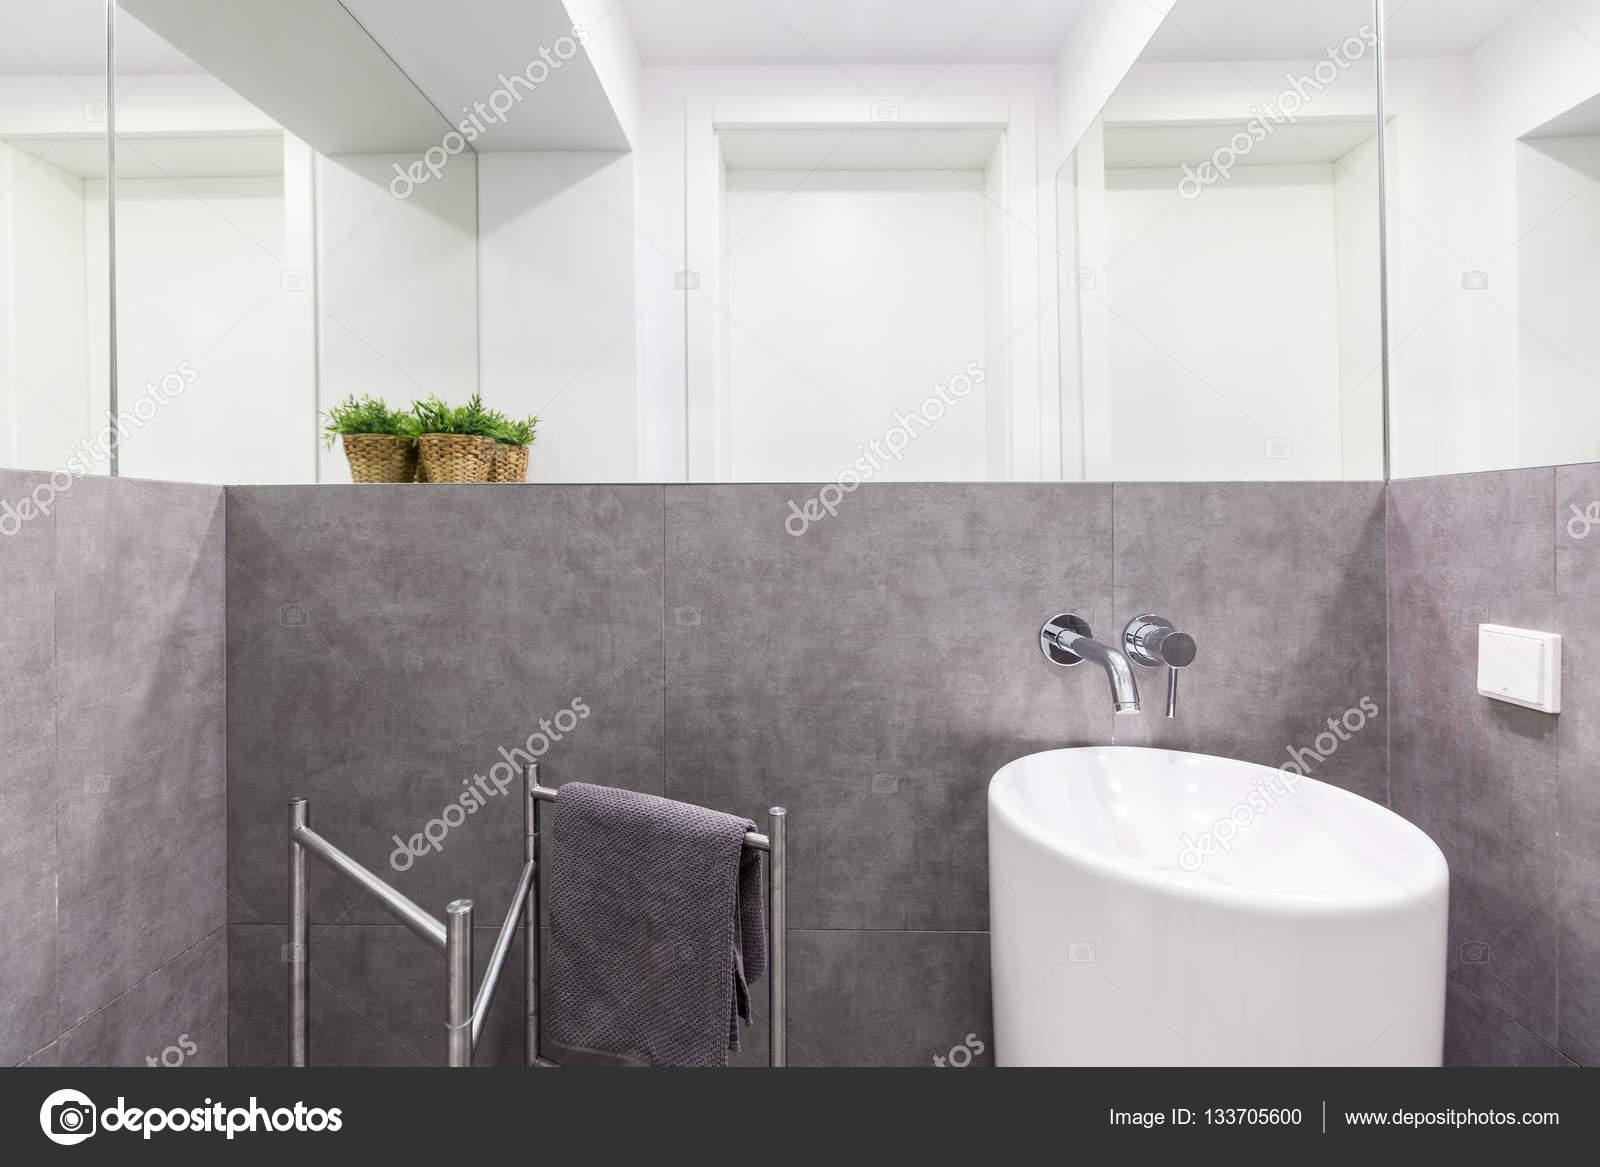 Mpetite Salle De Bain ~ Petite Salle De Bains Avec Lavabo Moderne Photographie